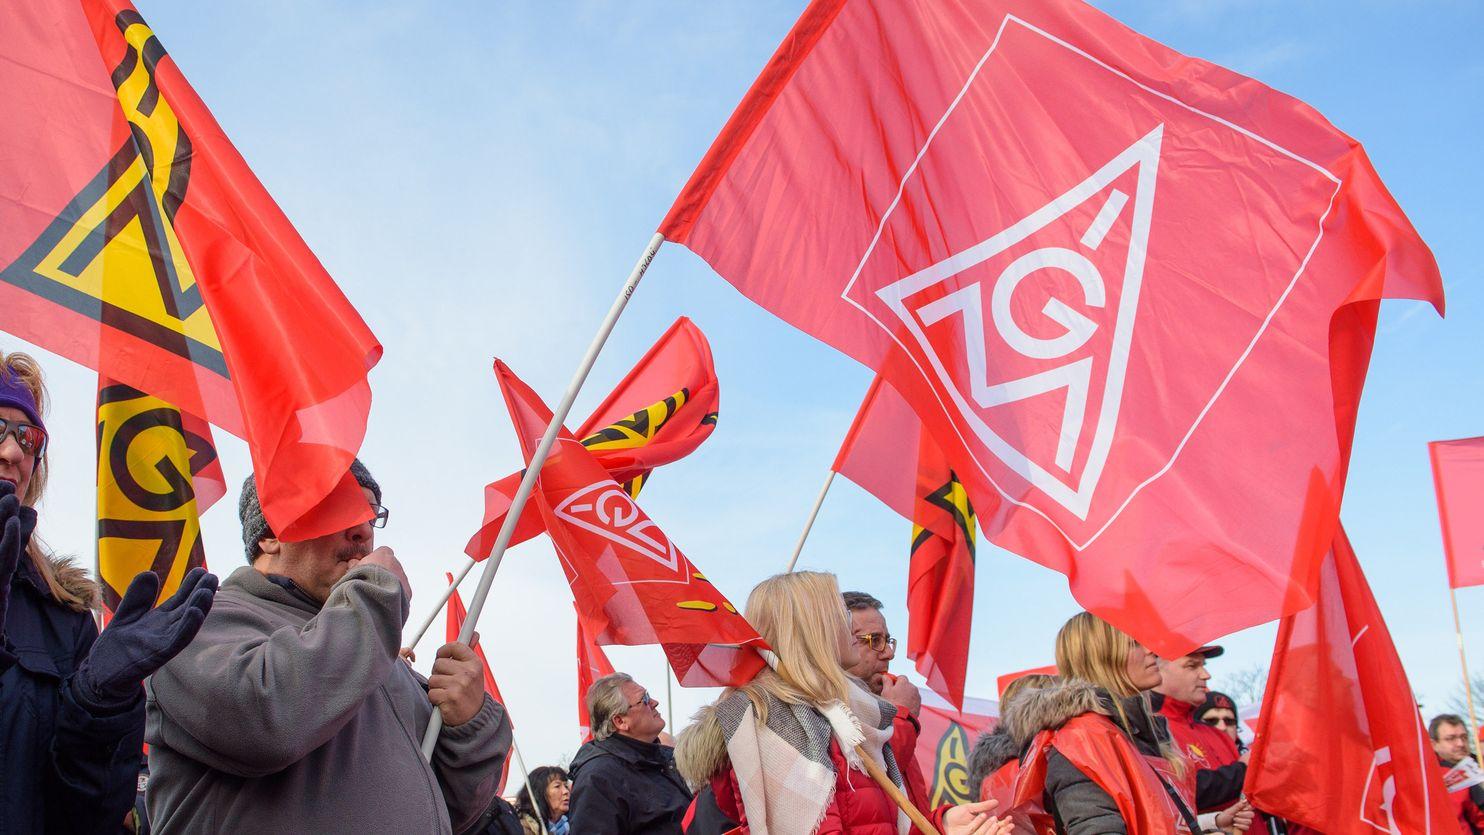 Die IG Metall in Bayern hat heute den Startschuss in die Tarifrunde für die rund 870.000 Beschäftigten der Branche gegeben.